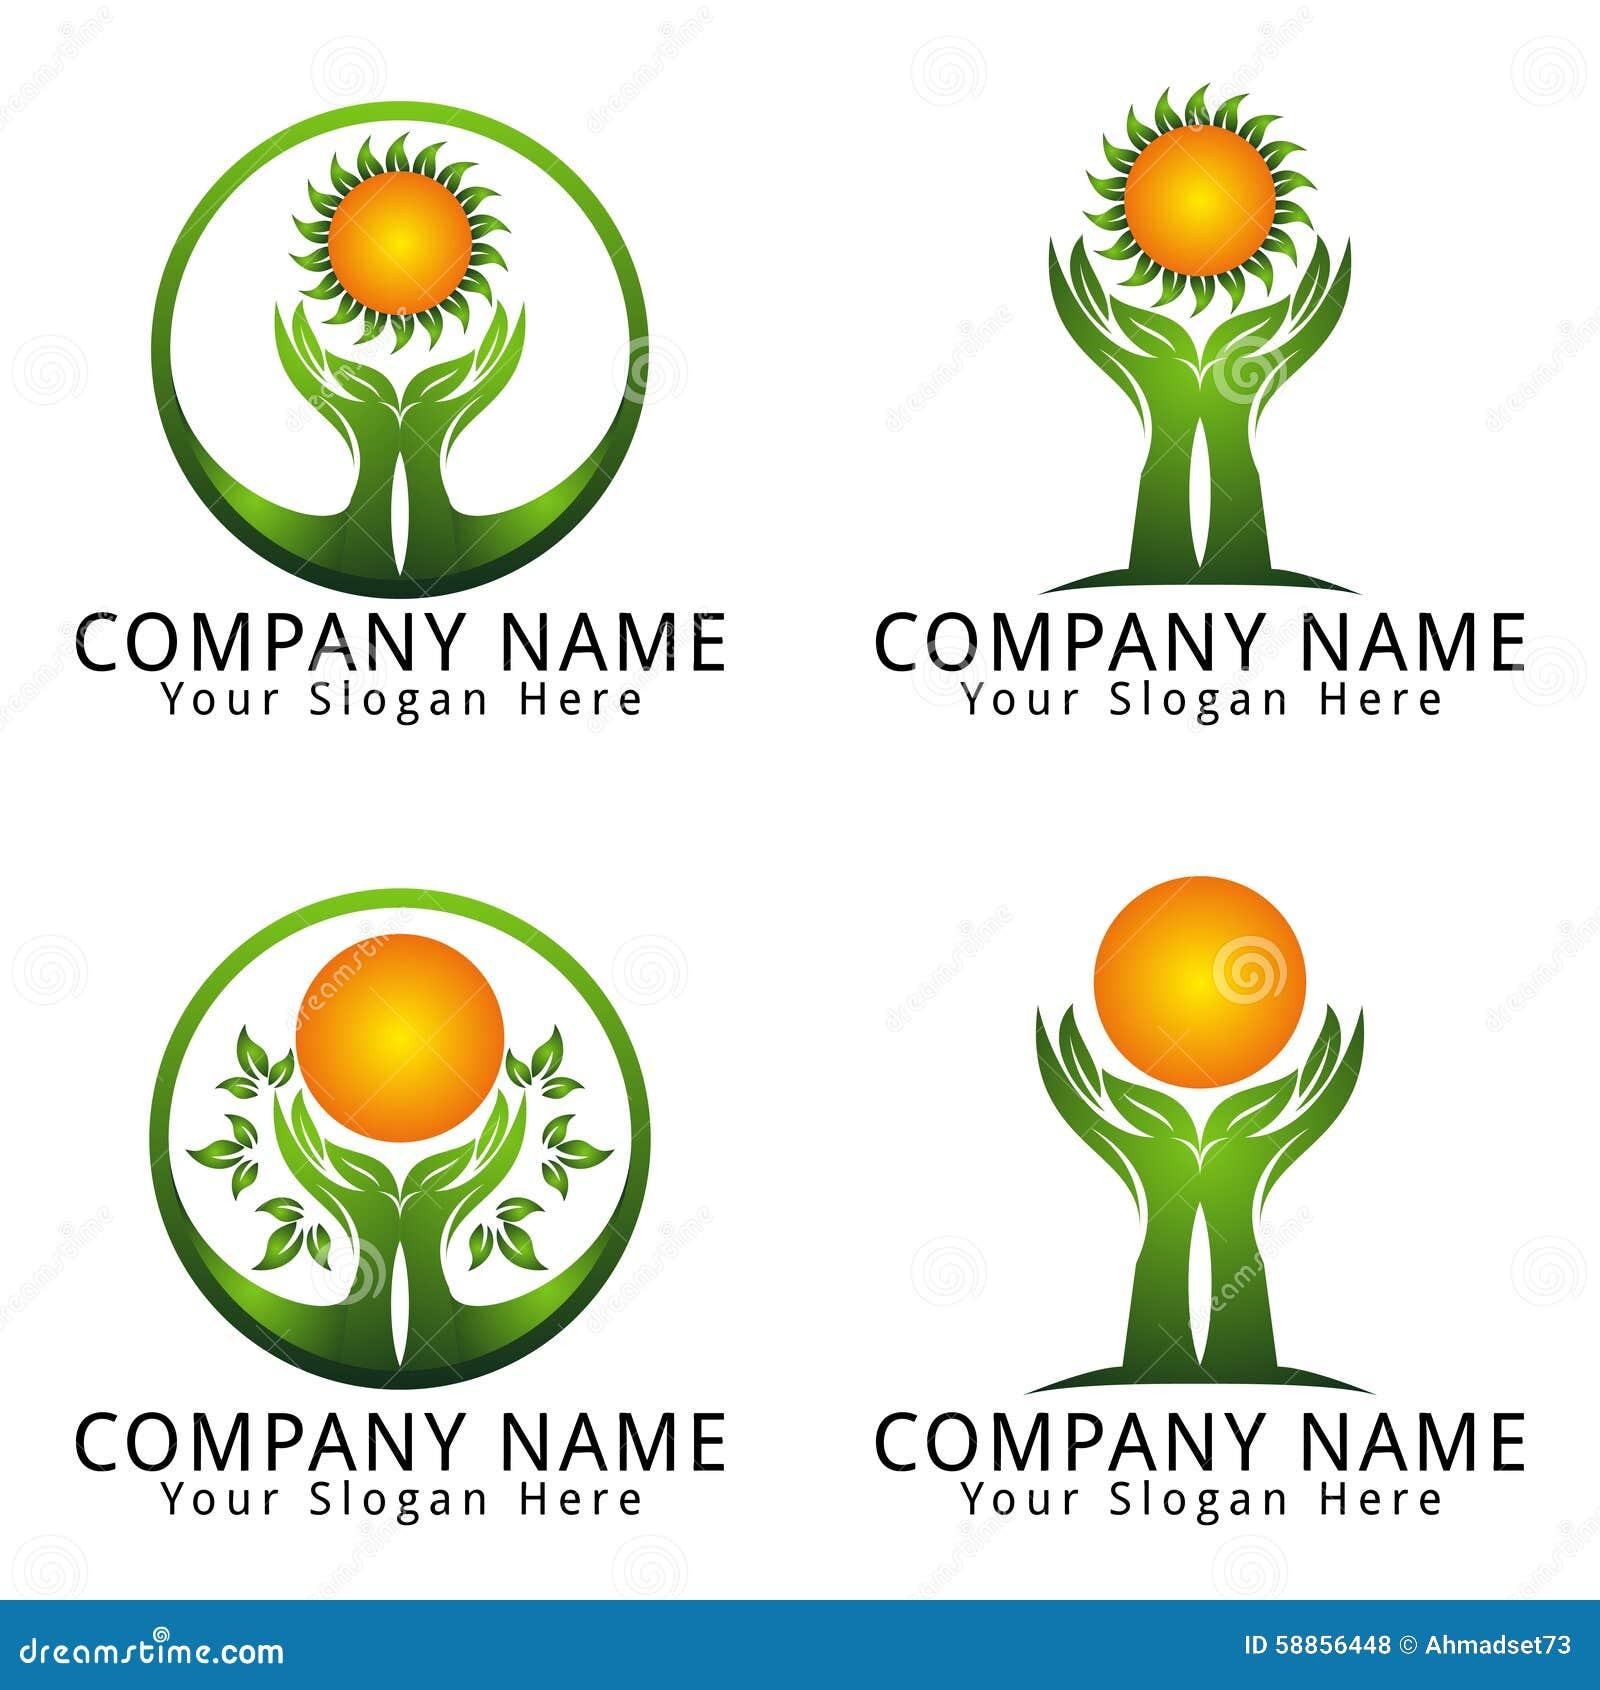 Editable Leaf Template Remittance Advice Template Free Eviction .  Editable Leaf Template